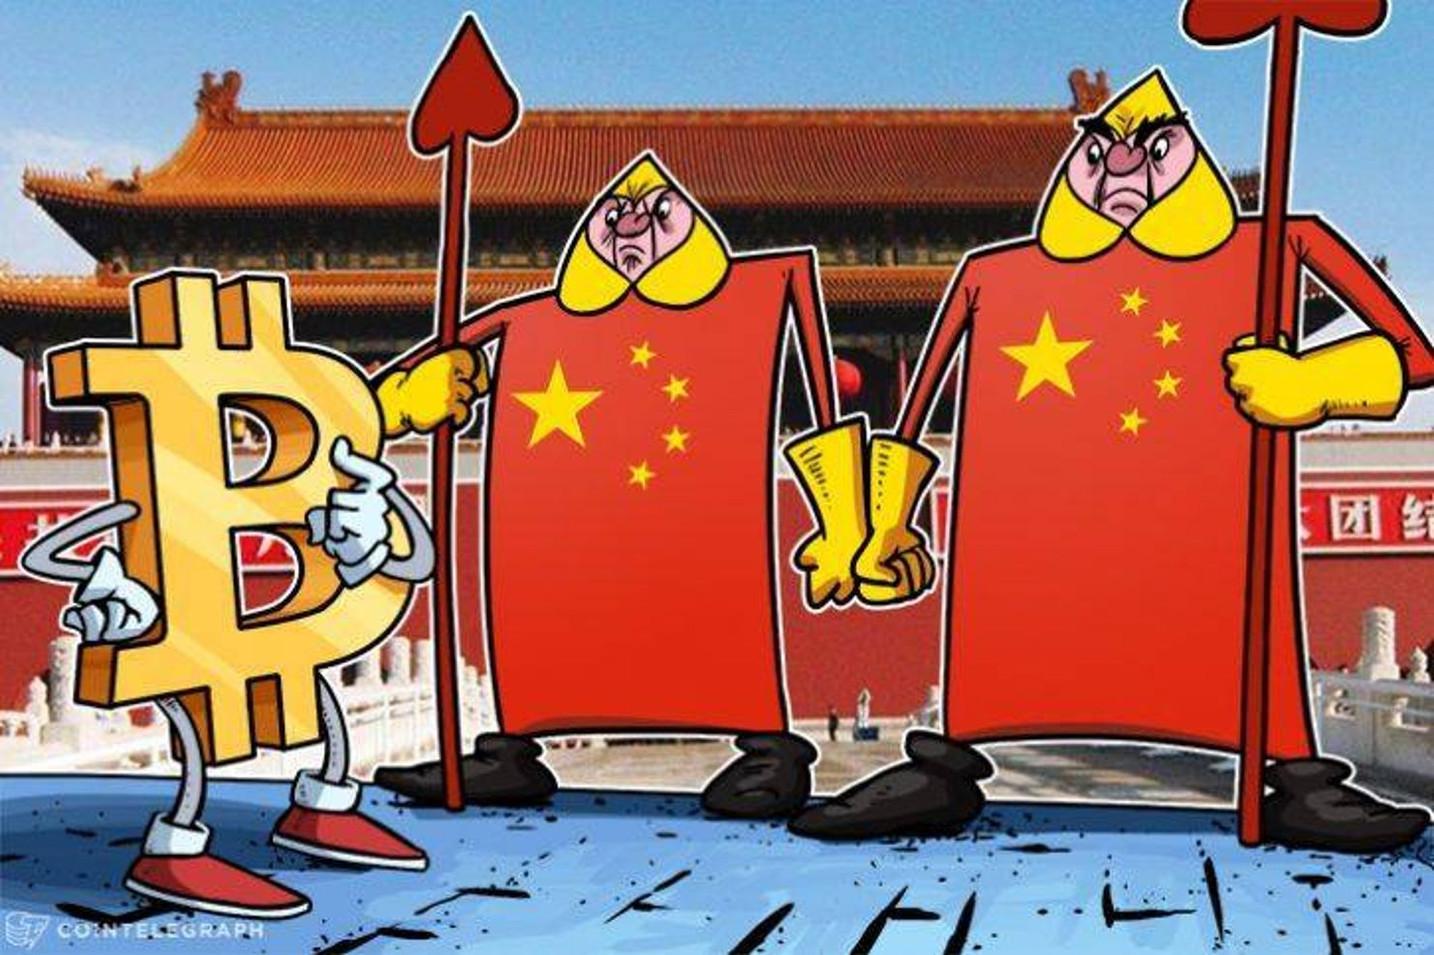 「ICOなど抜け道になるサイトは閉鎖」中国政府、仮想通貨とICO関連で新たな規制枠組みを発表